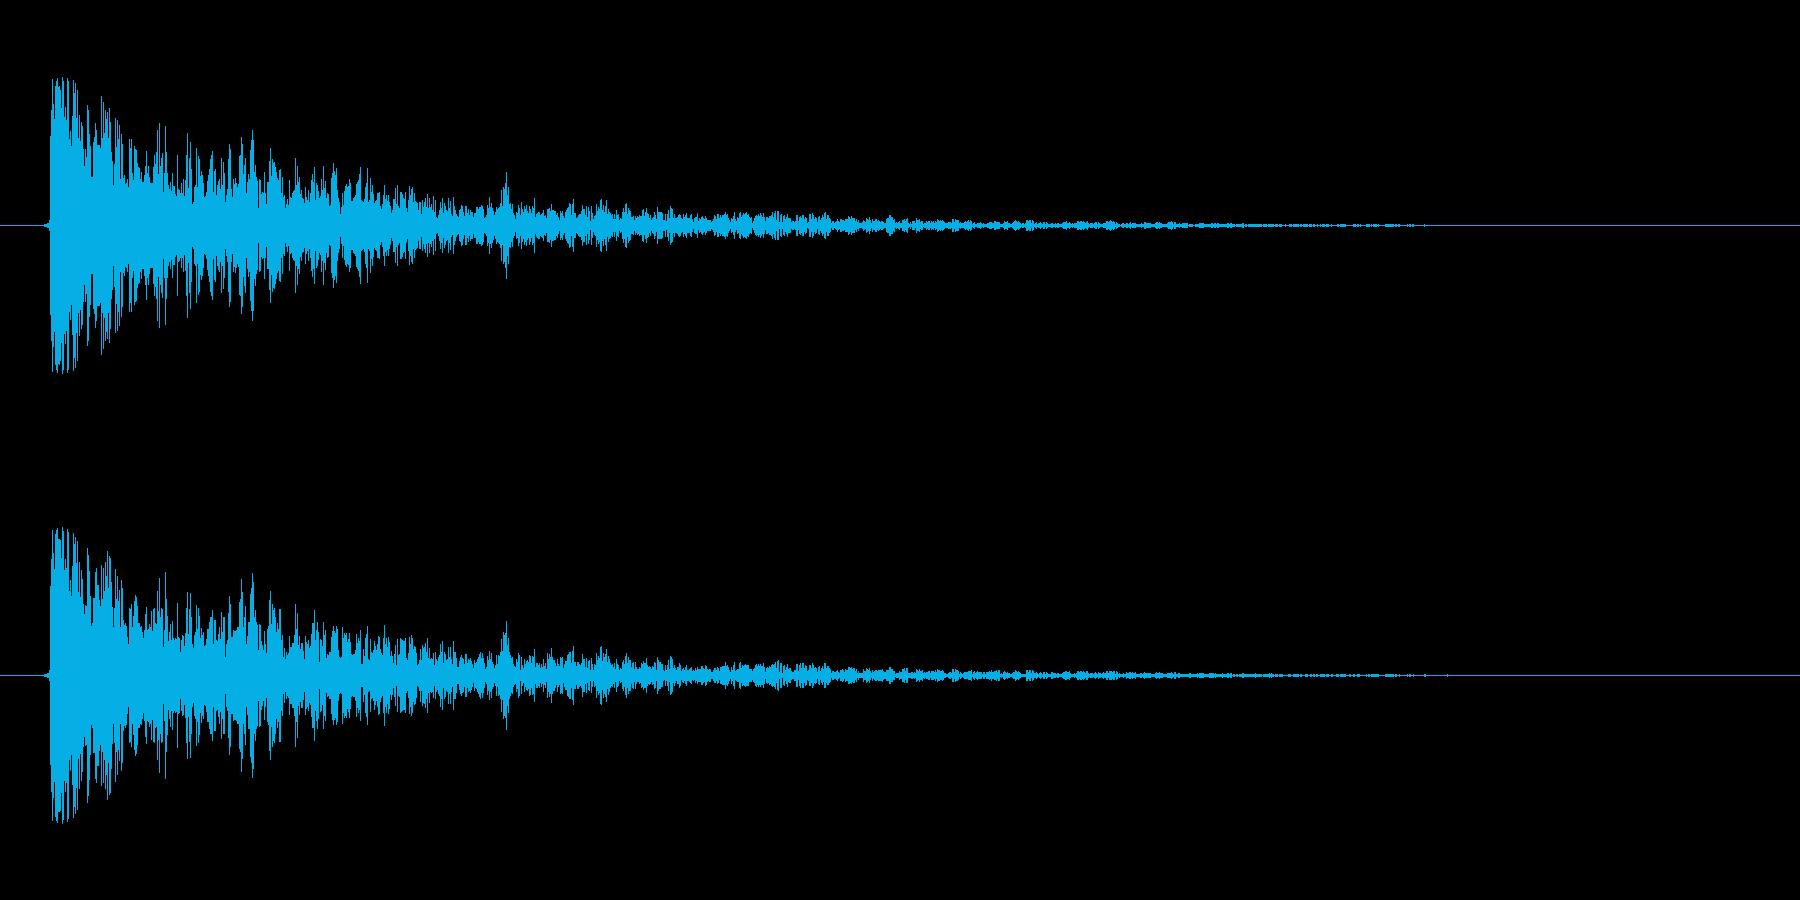 【衝撃06-1】の再生済みの波形